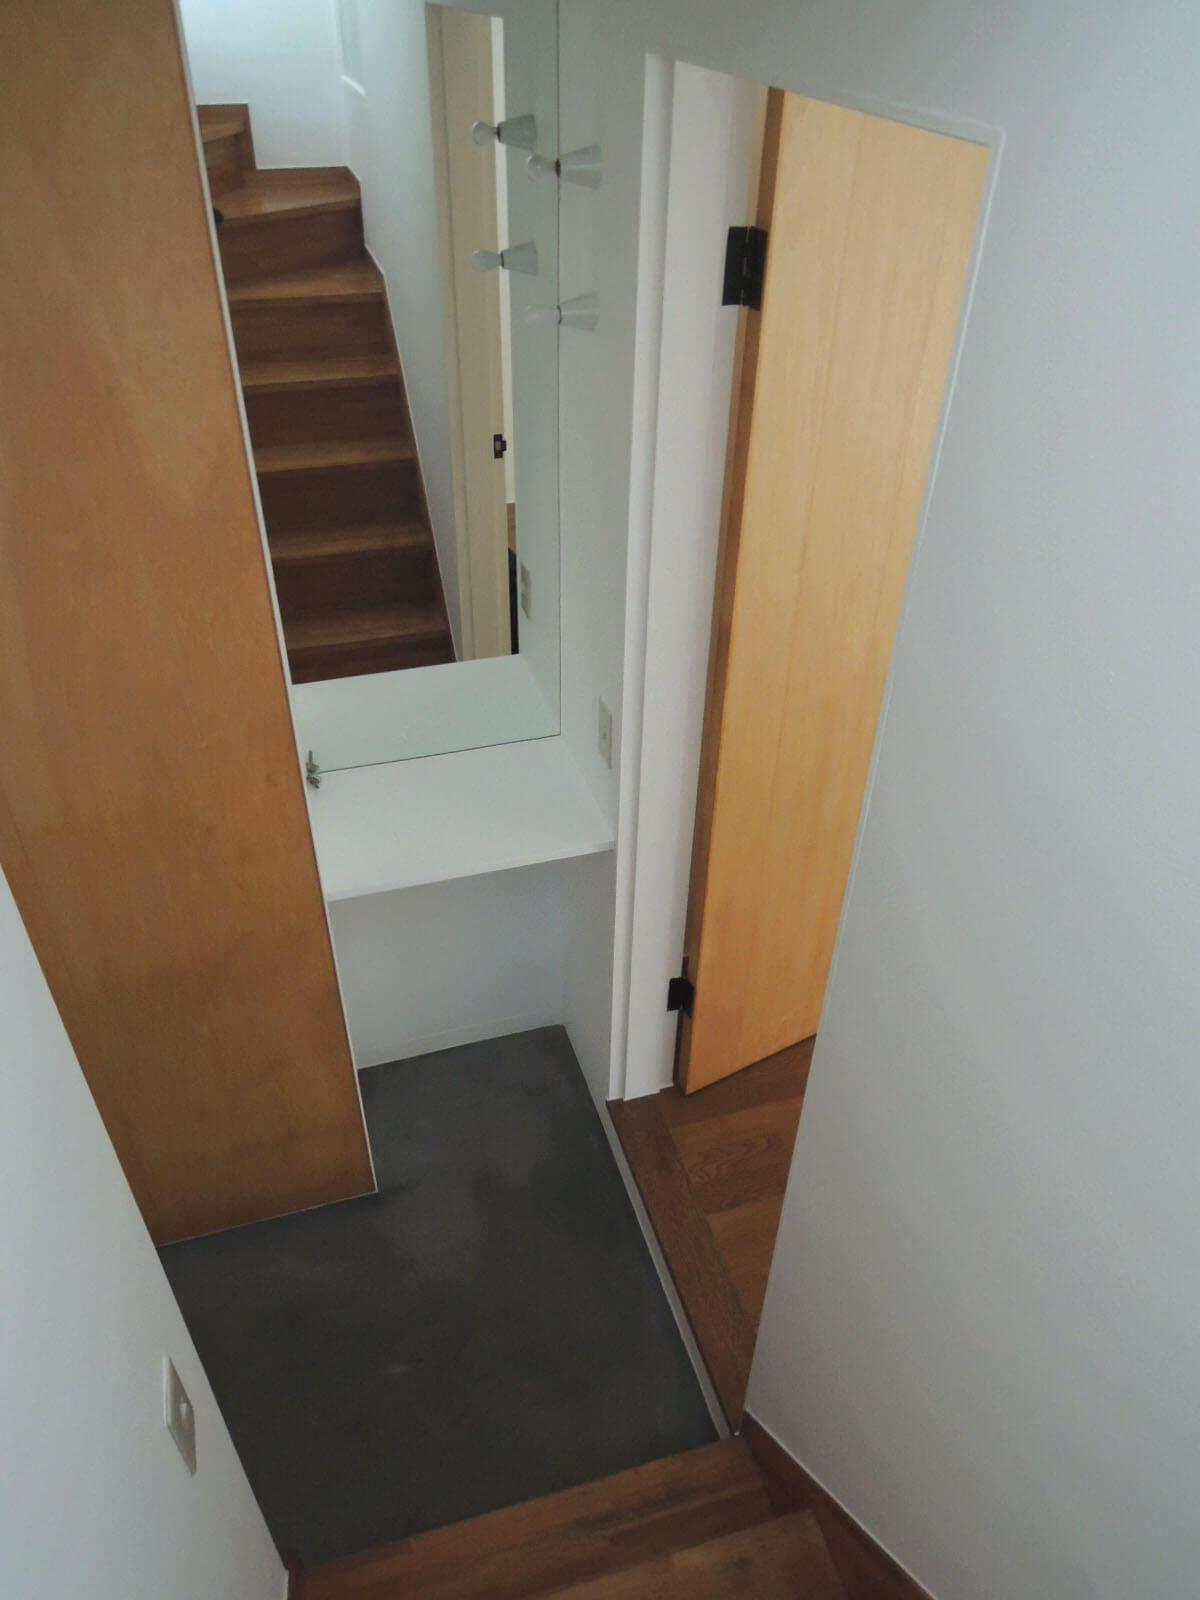 2階から下りて右が寝室、左が玄関。正面の姿見がうれしい。